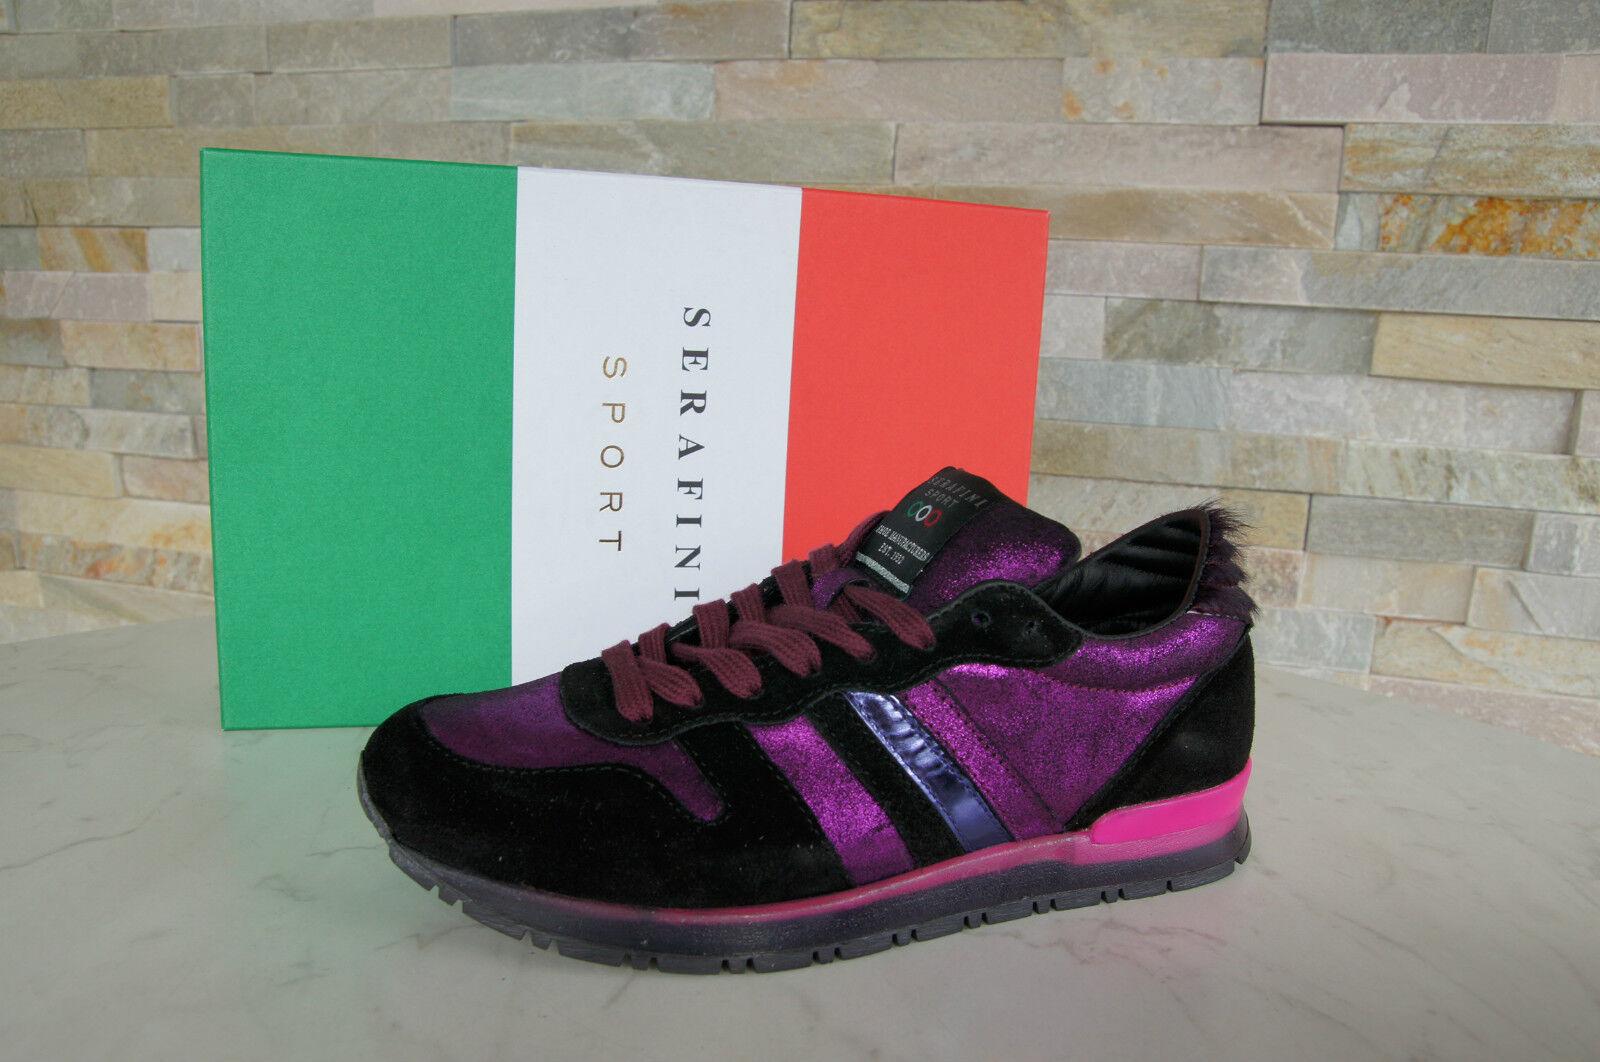 SERAFINI SPORT Sneakers Gr 40 Schnürschuhe Schuhe Scarpe Violet neu UVP 187